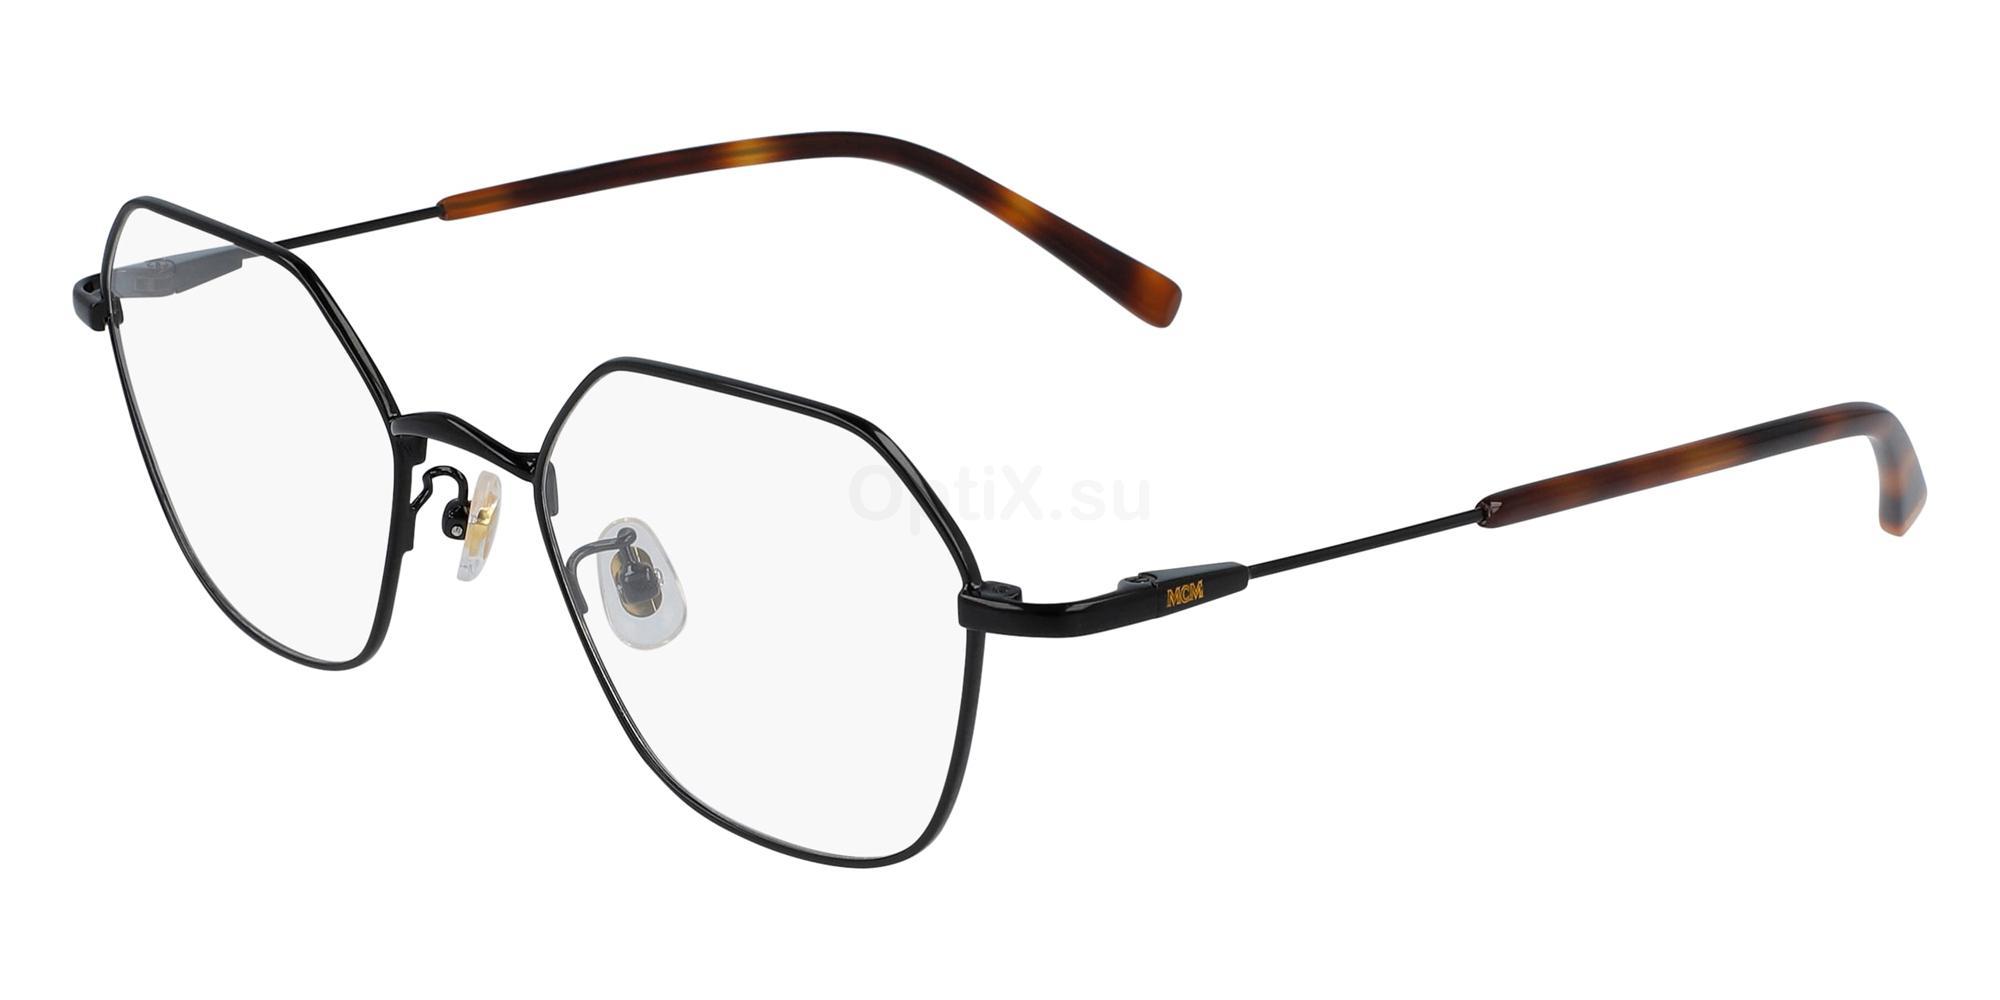 001 MCM2141A Glasses, MCM